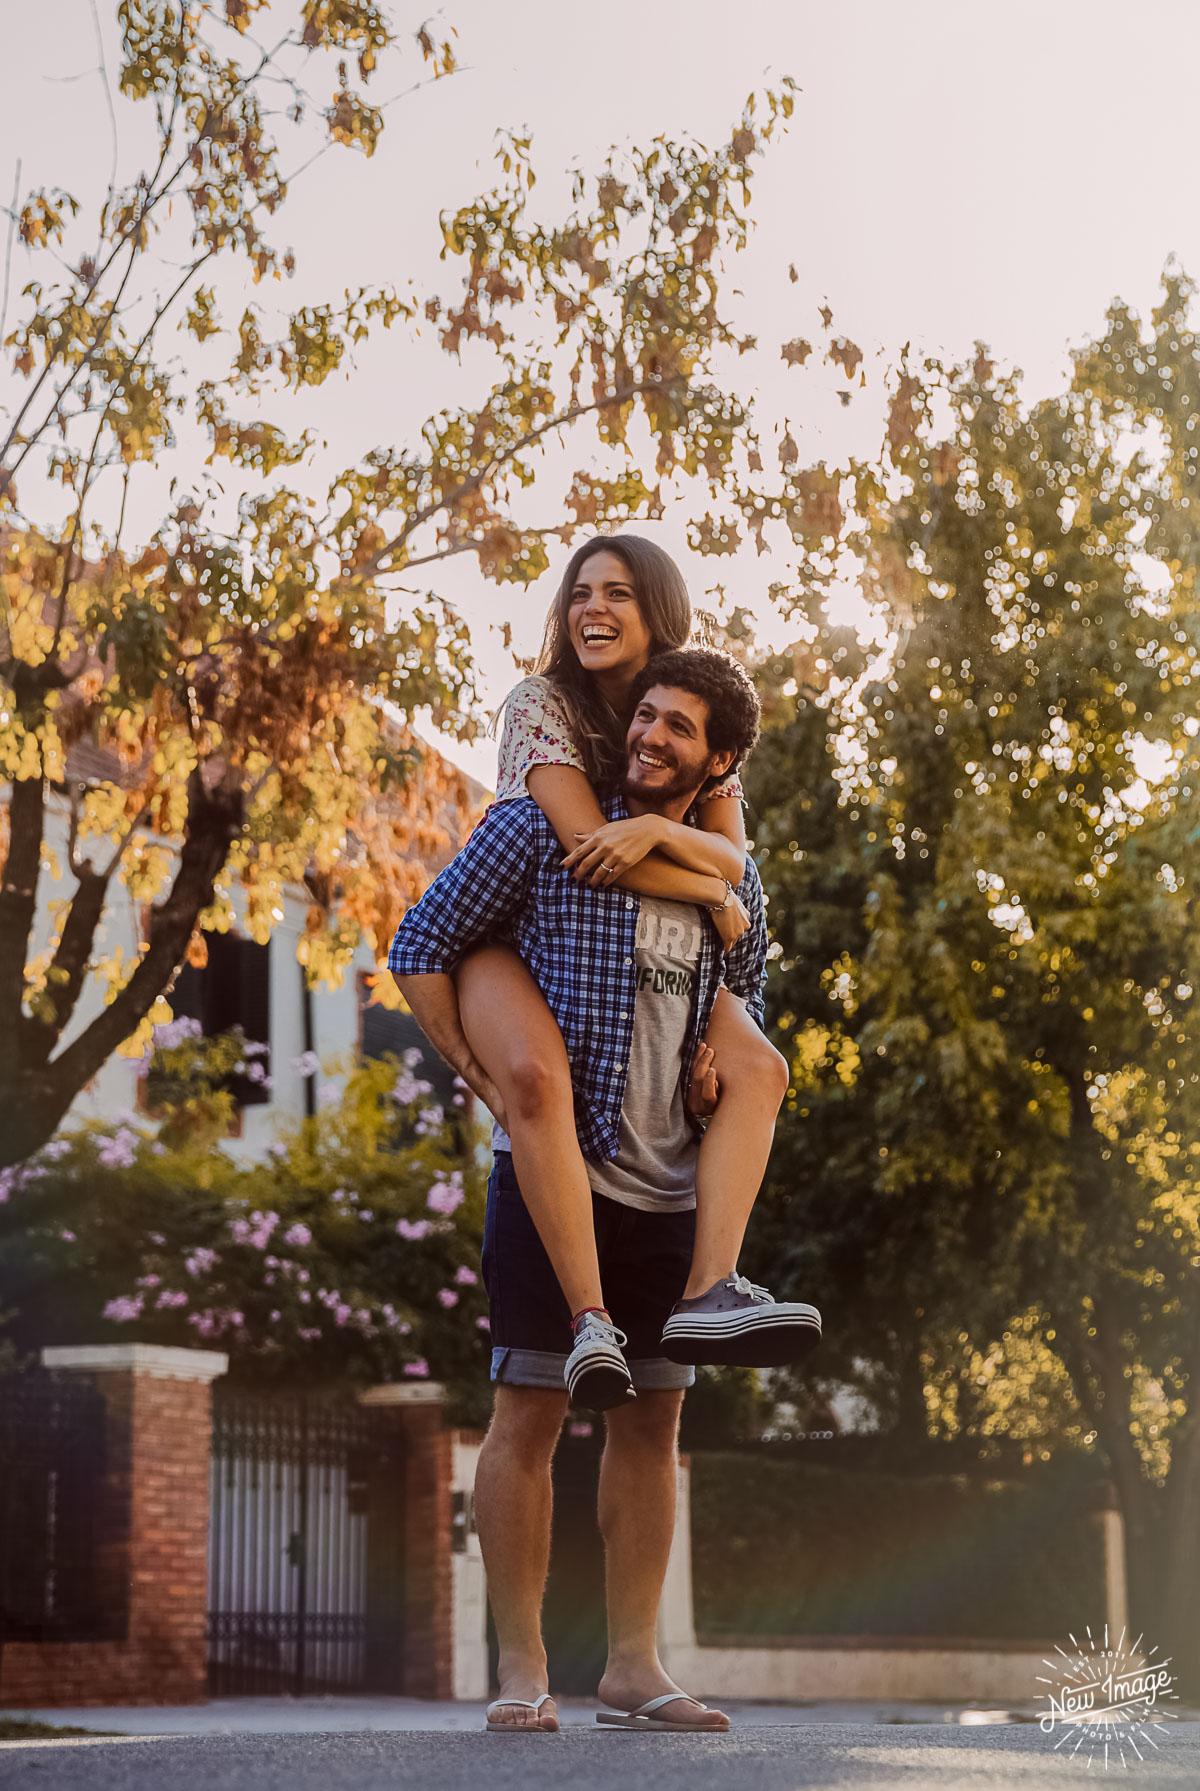 new-image-fotografia-de-bodas-sesion-de-fotos-preboda-en-buenos-aires-argentina-fotos-de-casamiento-newimagear-30